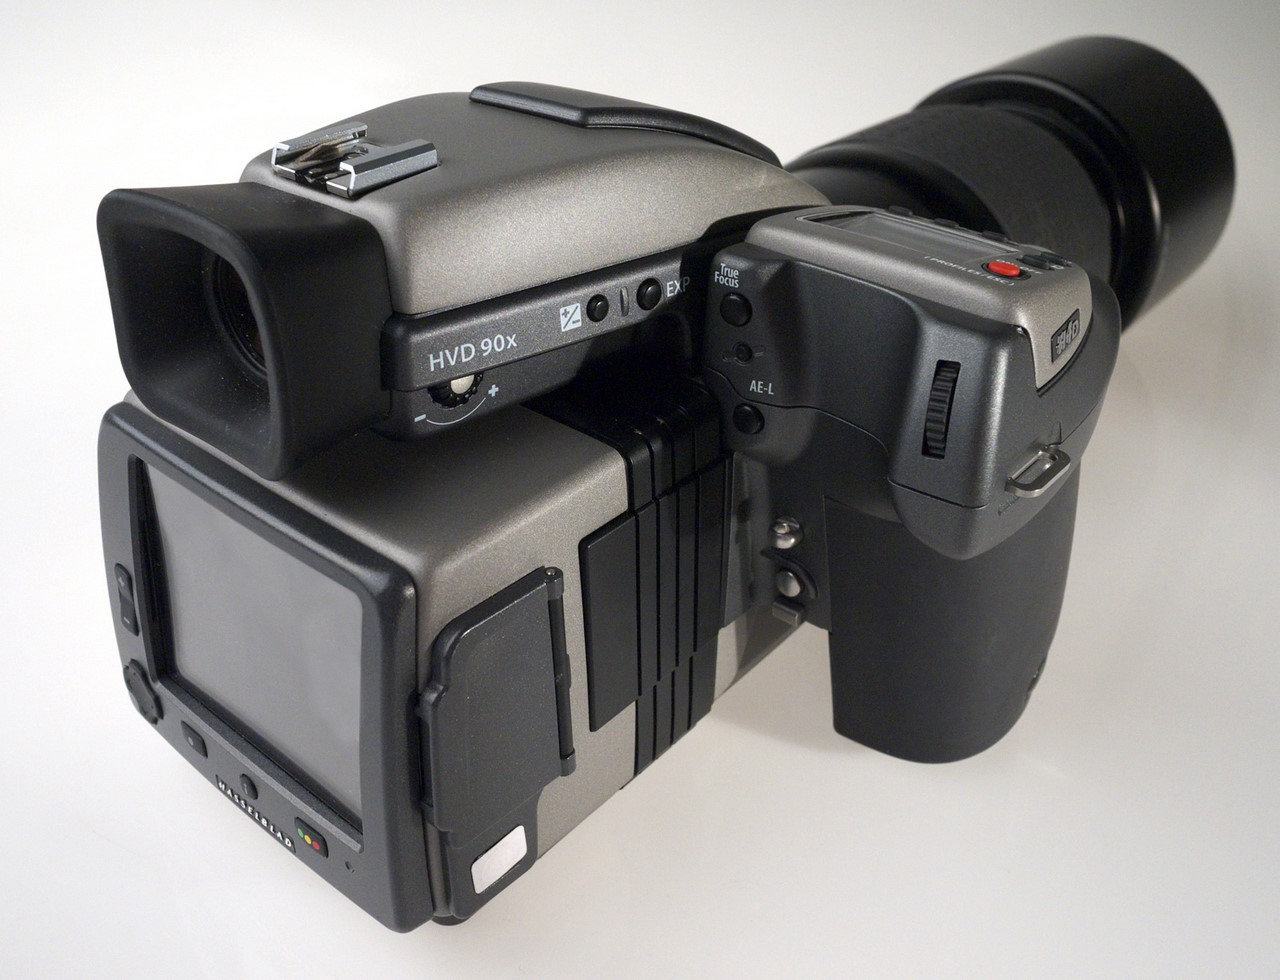 самый дорогой зеркальный фотоаппарат в мире правило успешного